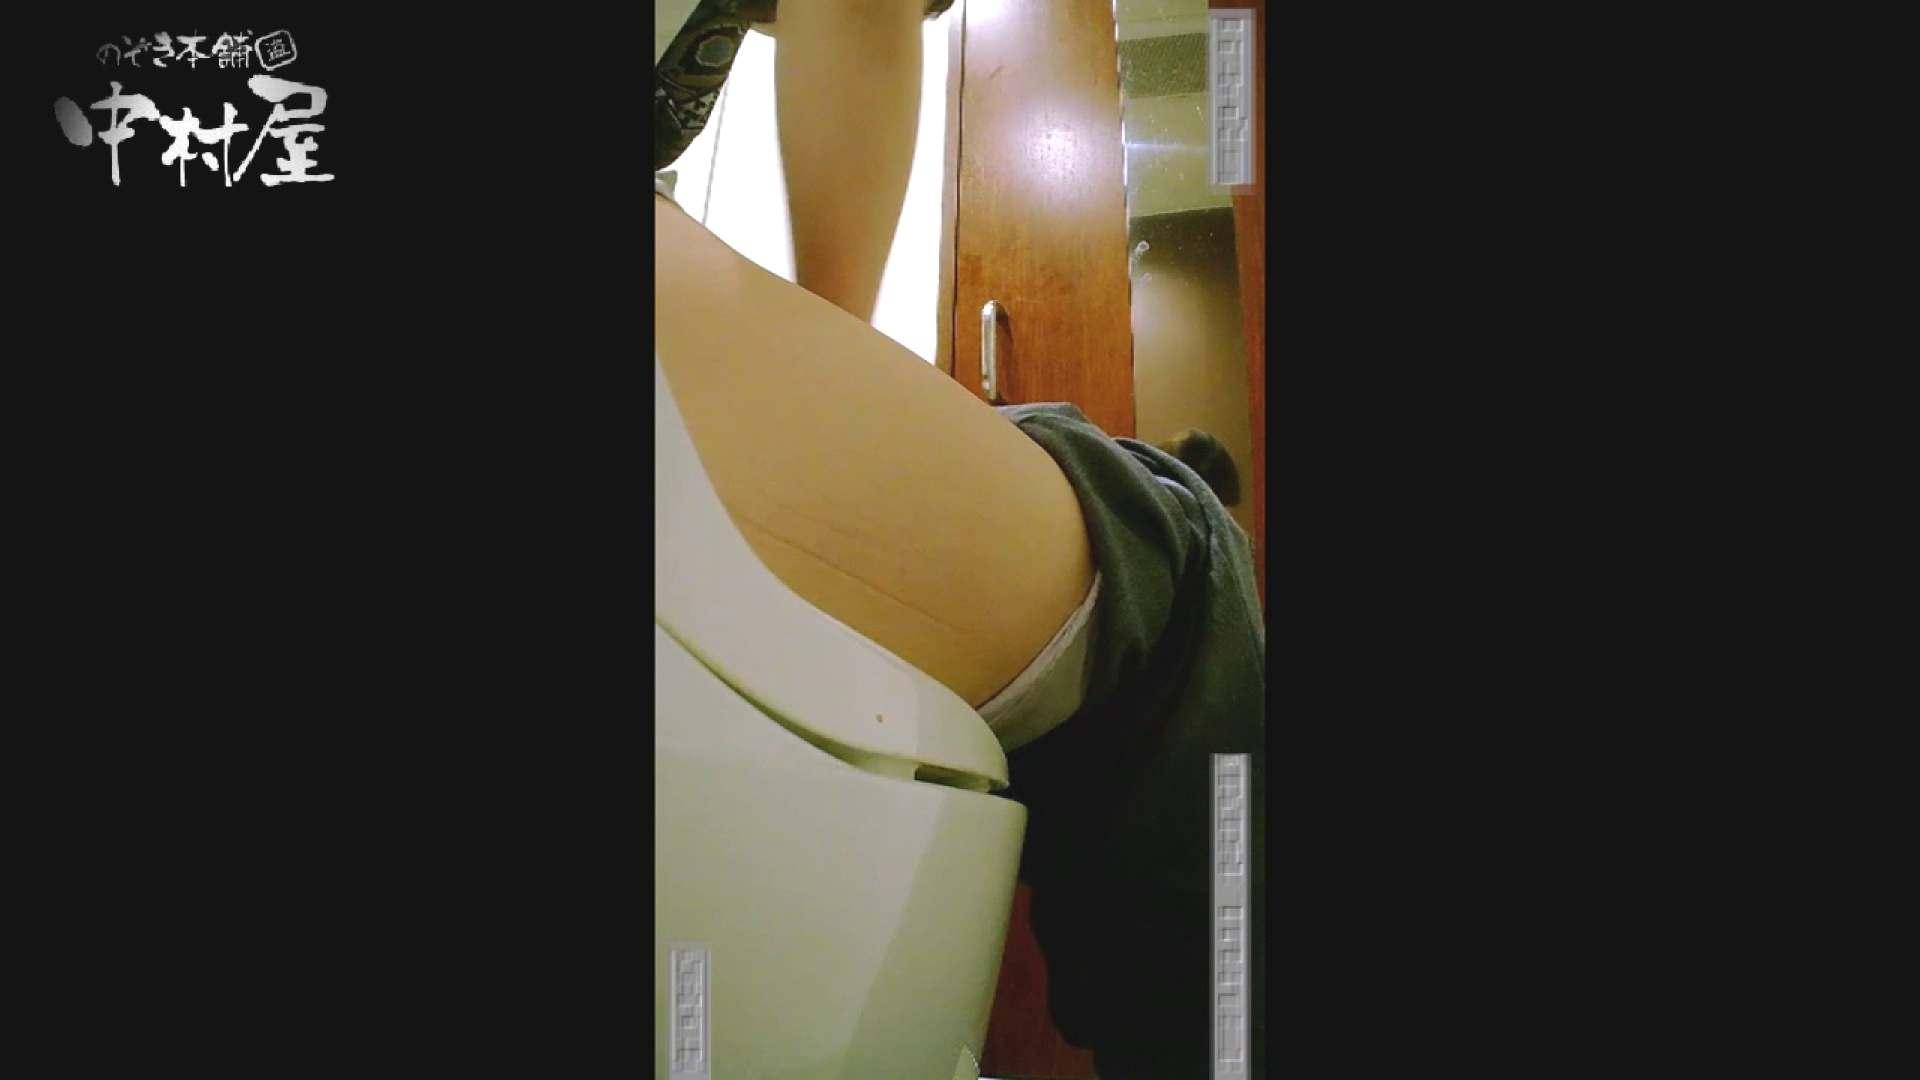 高画質トイレ盗撮vol.10 盗撮シリーズ エロ画像 94PIX 14